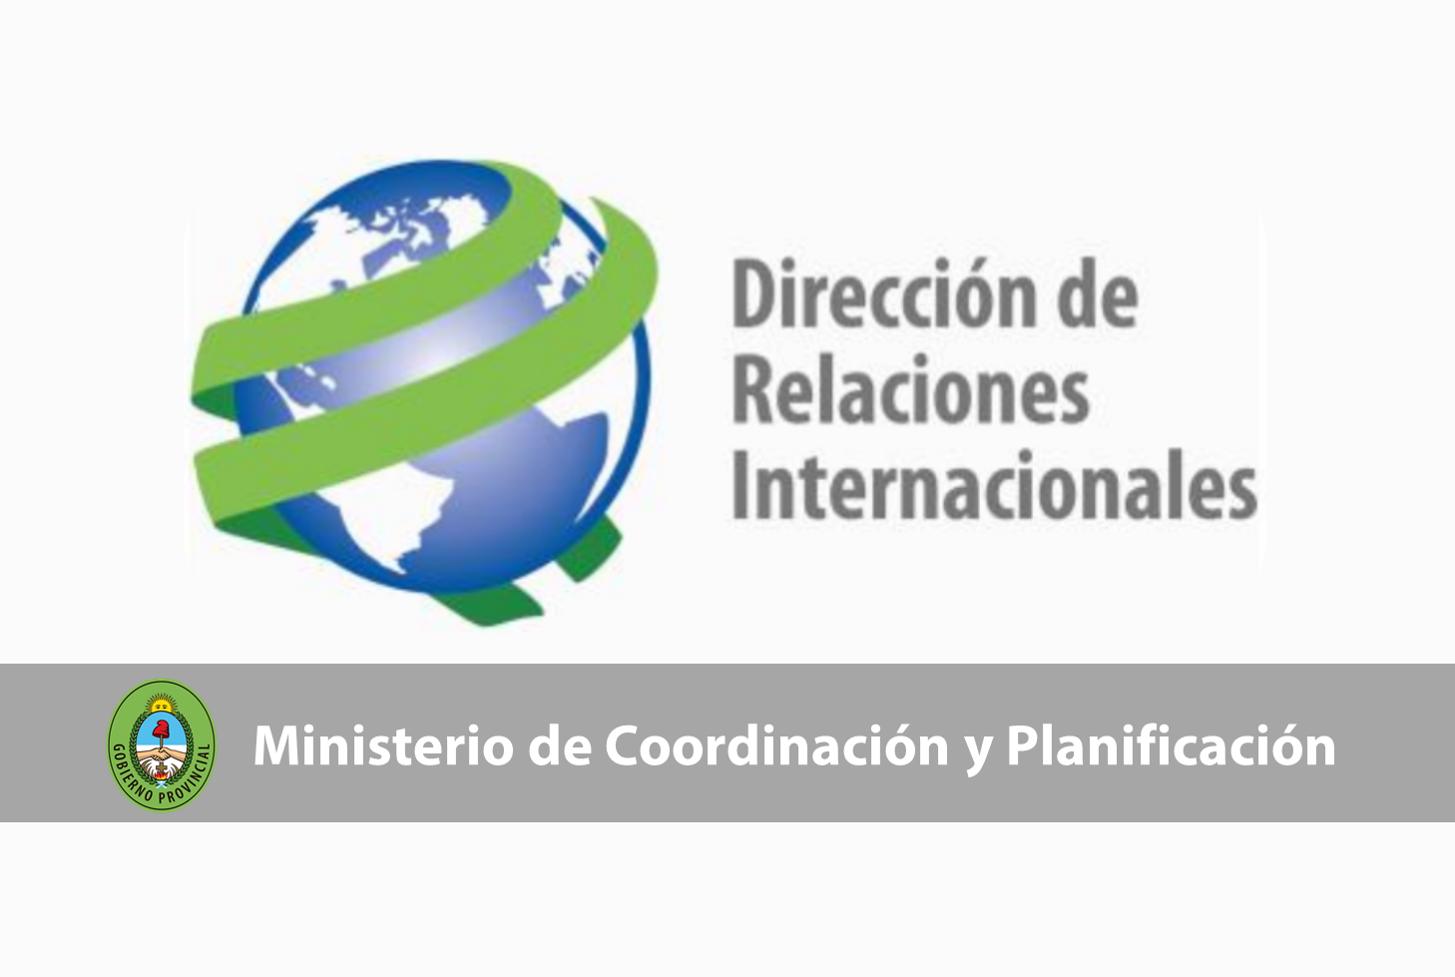 Fondo de respuesta a Crisis CIVICUS: Financia organizaciones y asociaciones de la sociedad civil.